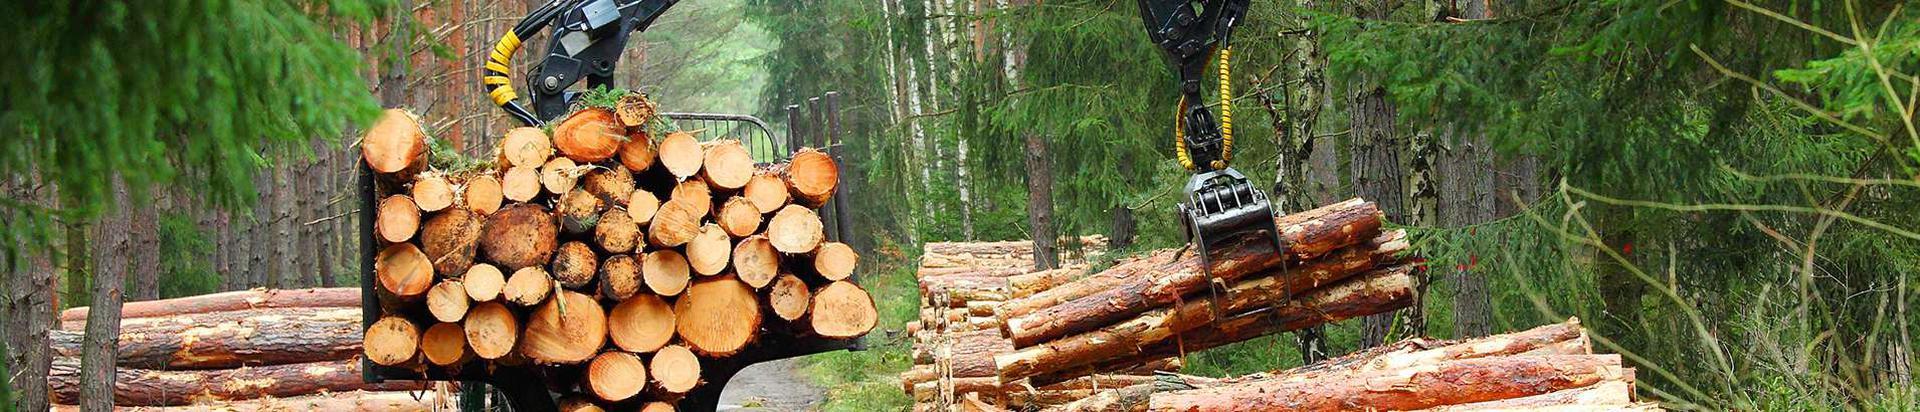 11477296_splitwood-group-ou_26273108_xl.jpg